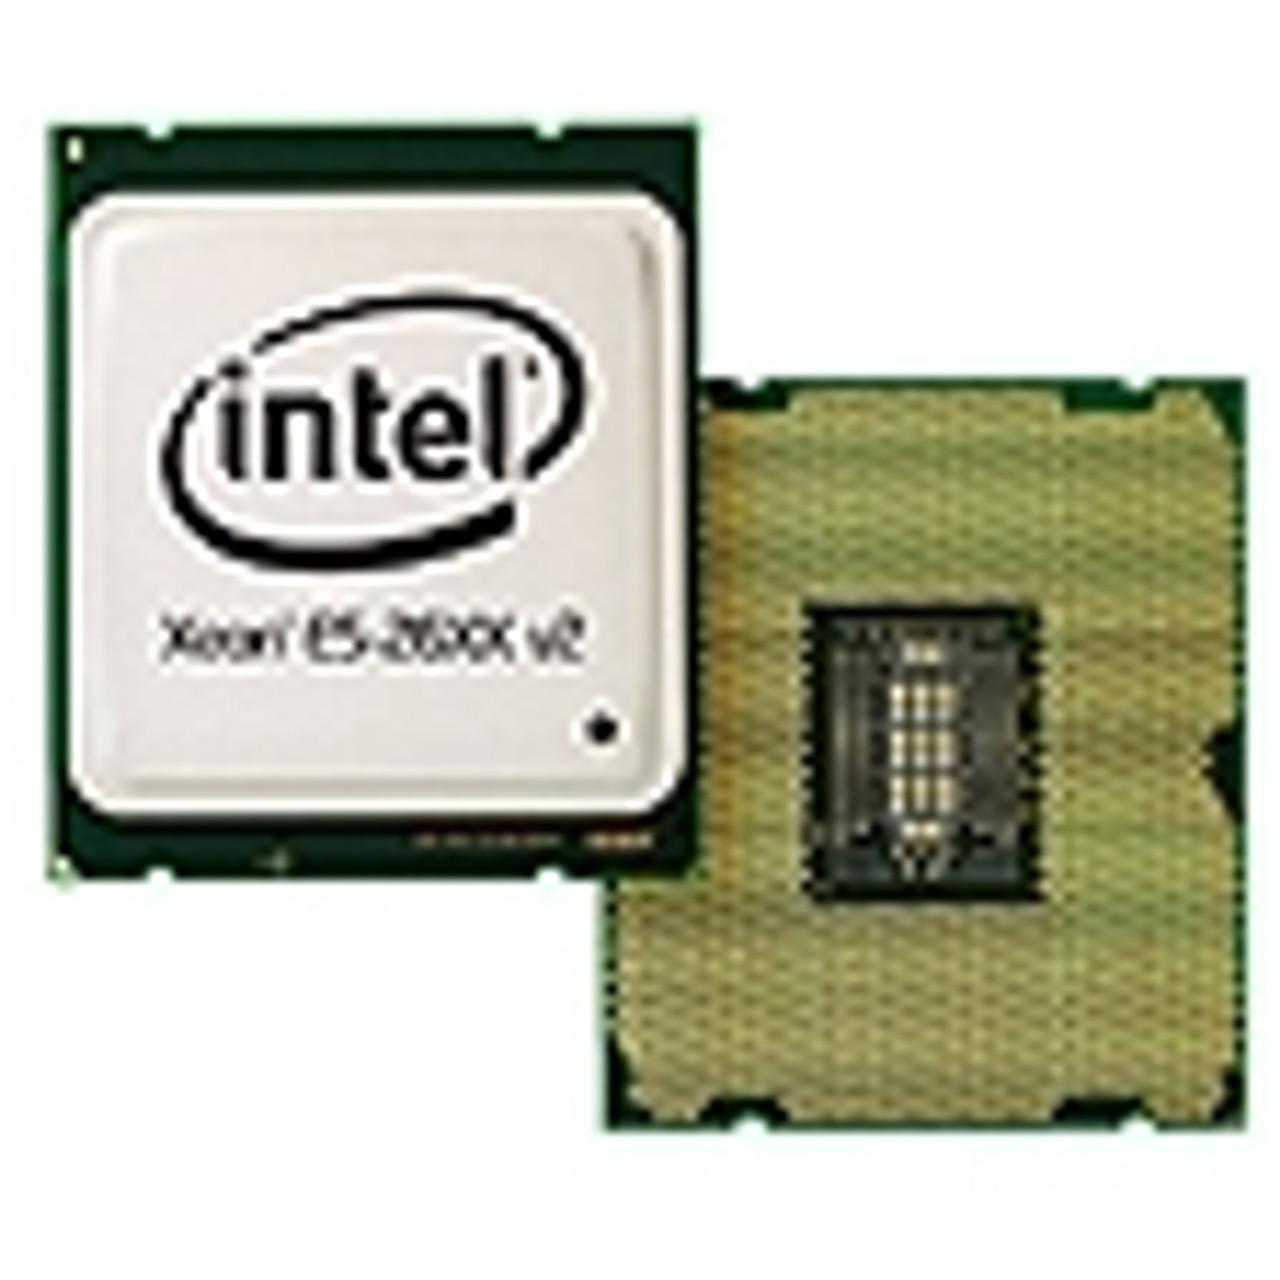 Intel Xeon E5-2600 v2 Series Ivy Bridge-EP CPUs | Dell R720 CPUs